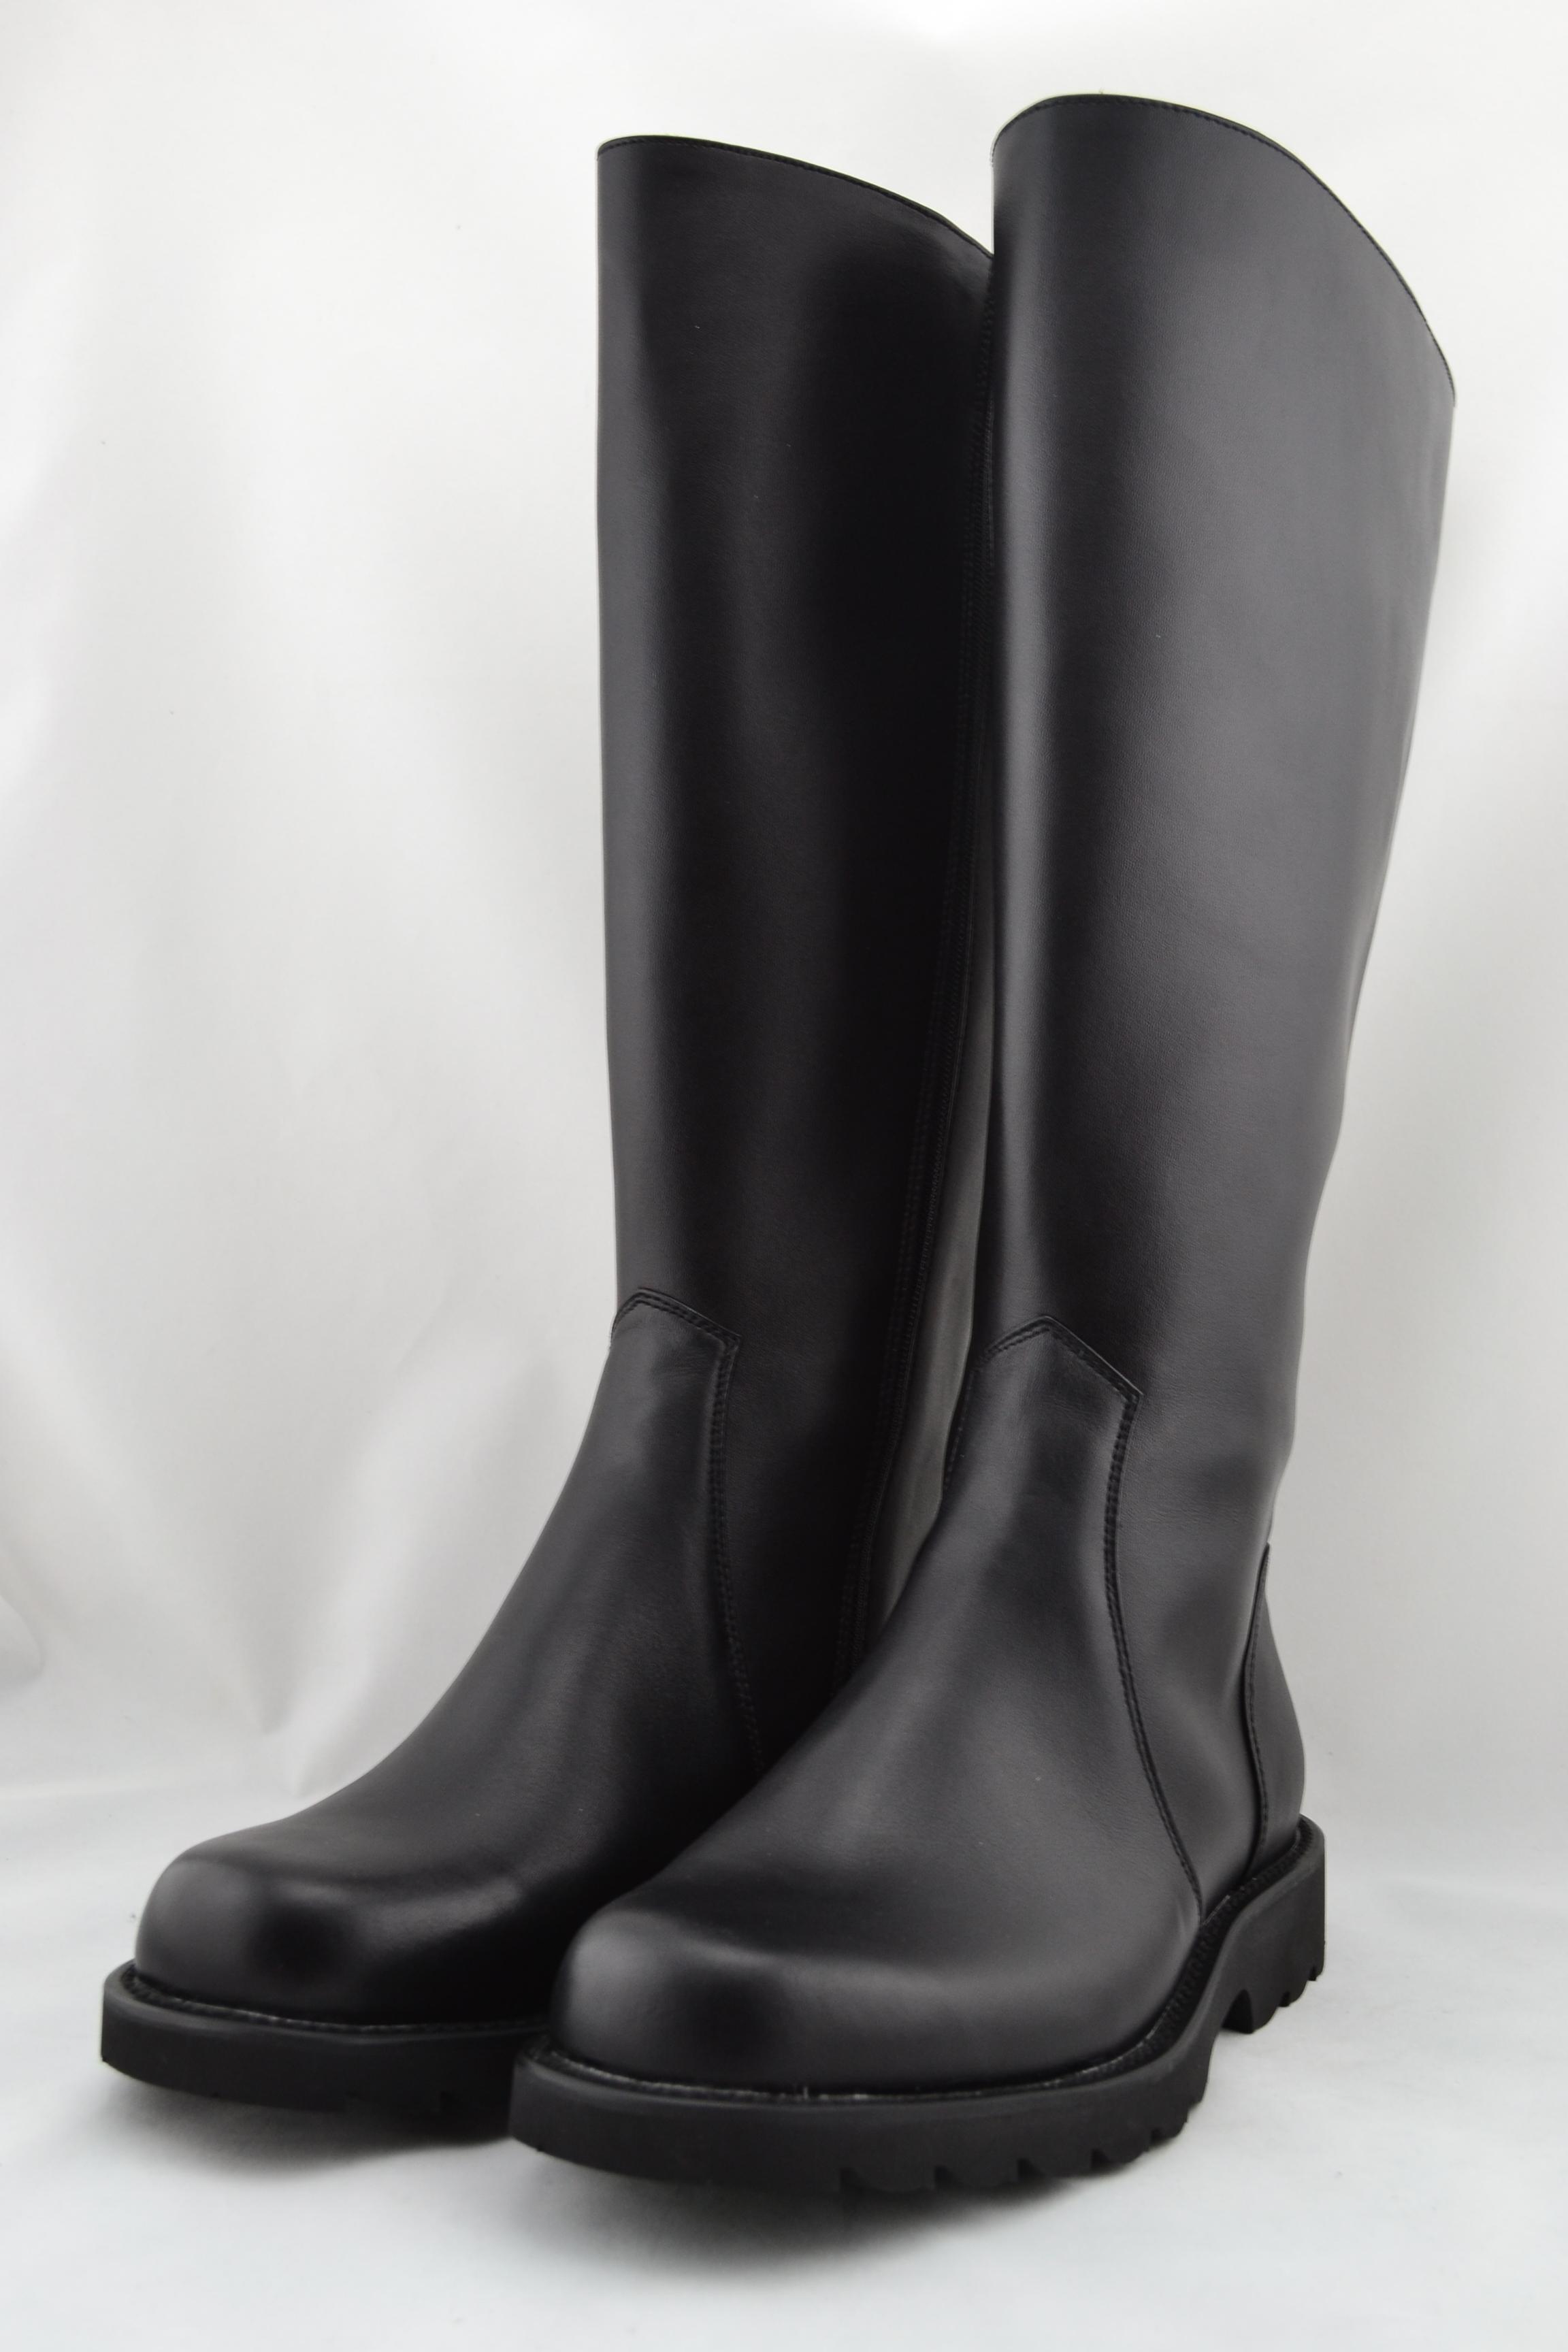 正品皮靴阅兵靴真皮皮靴直筒鞋防水鞋劳保鞋工作鞋户外靴